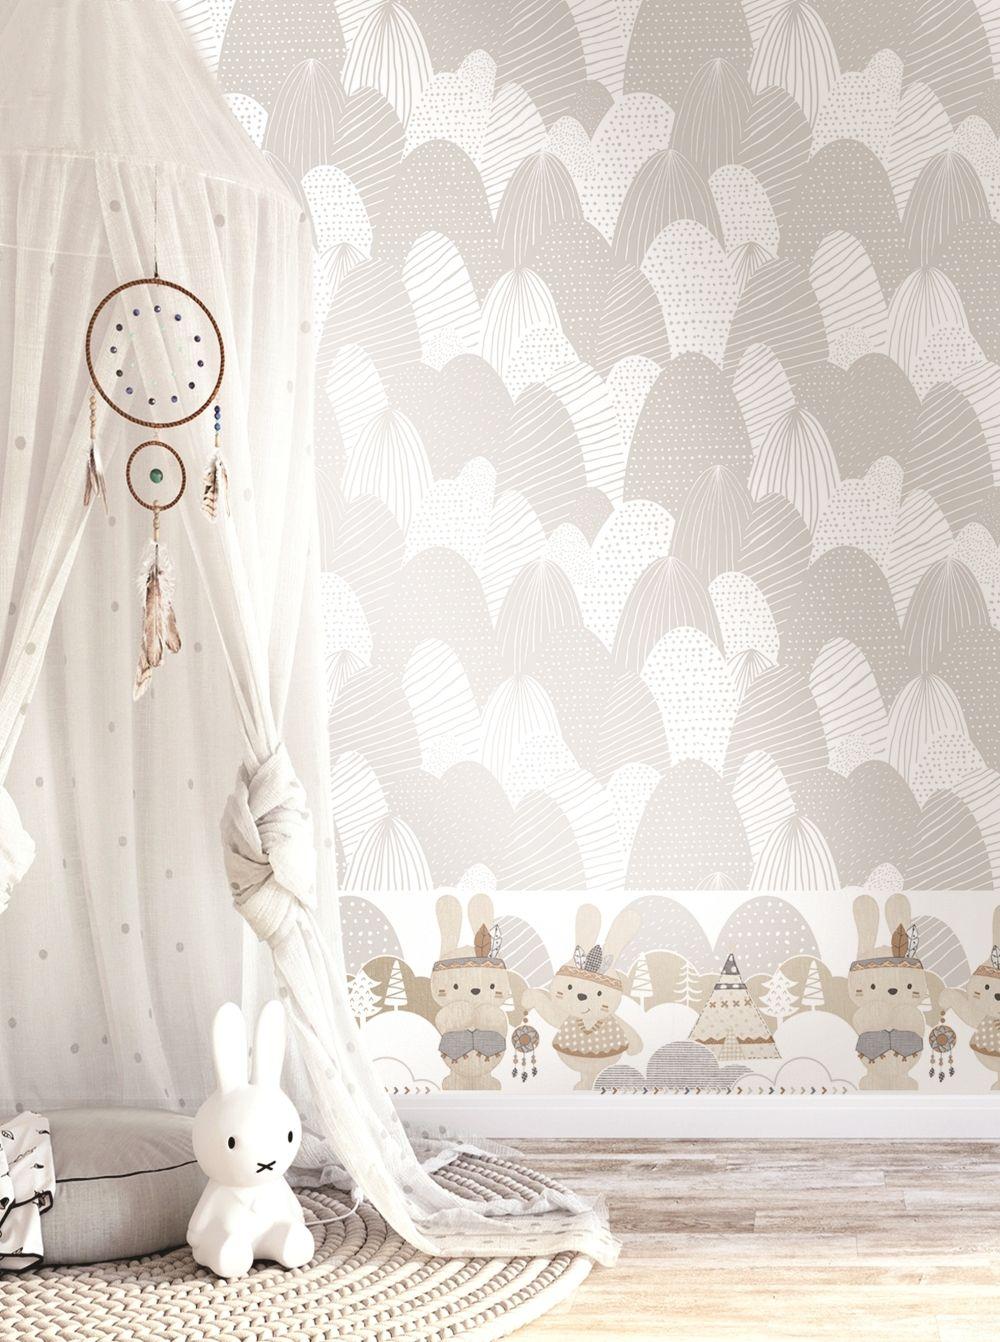 Tapeten Fur Babys Kinder Kinder Tapete Rasch Textil Kinderzimmer